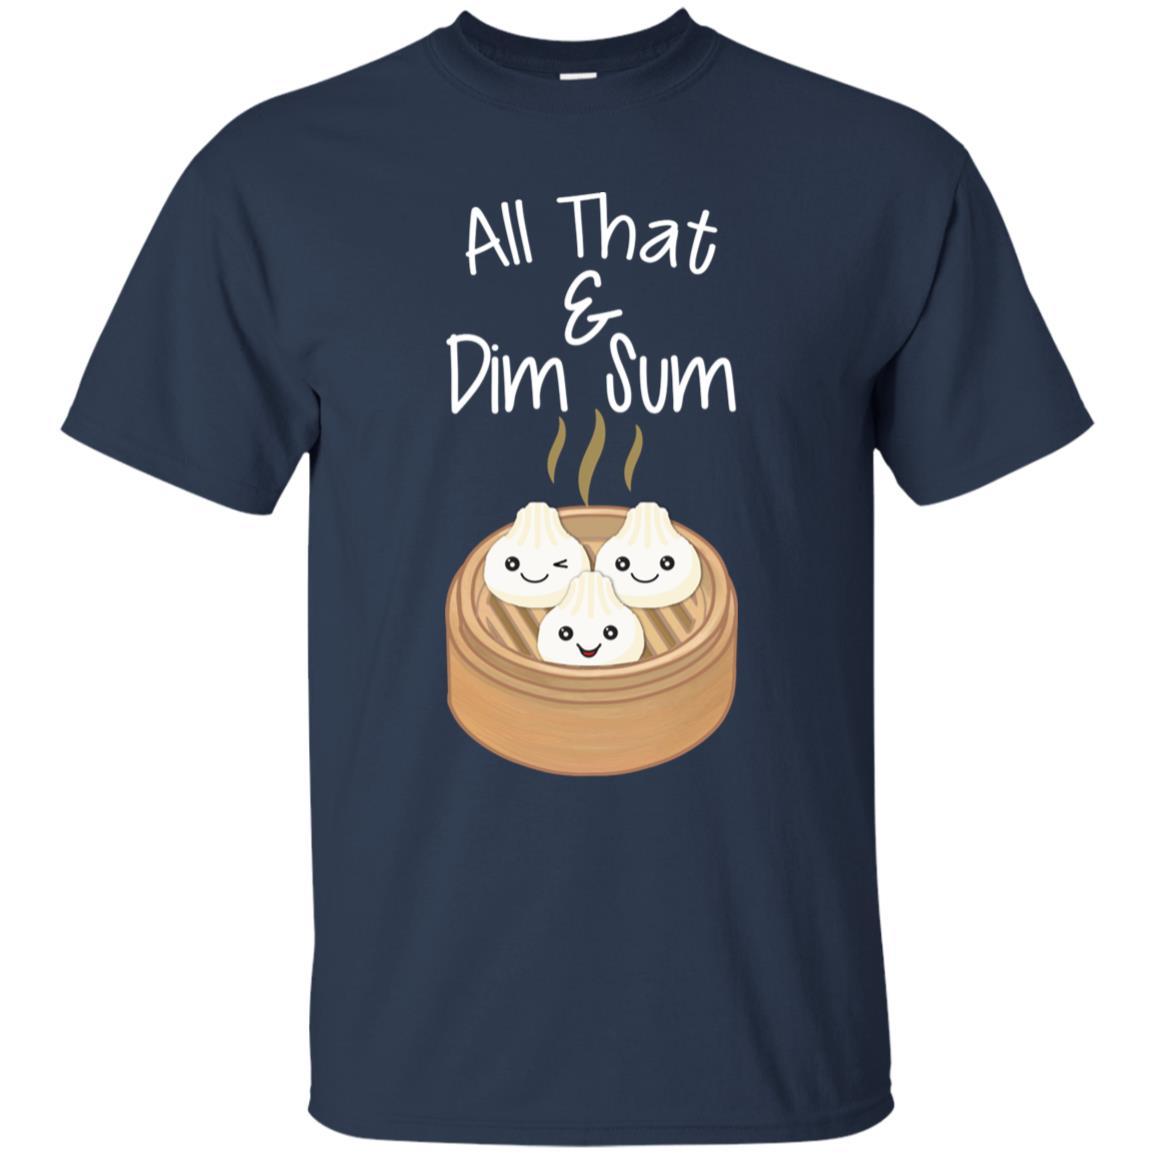 Dim Sum Funny Japanese Food Sushi Pun Unisex Short Sleeve